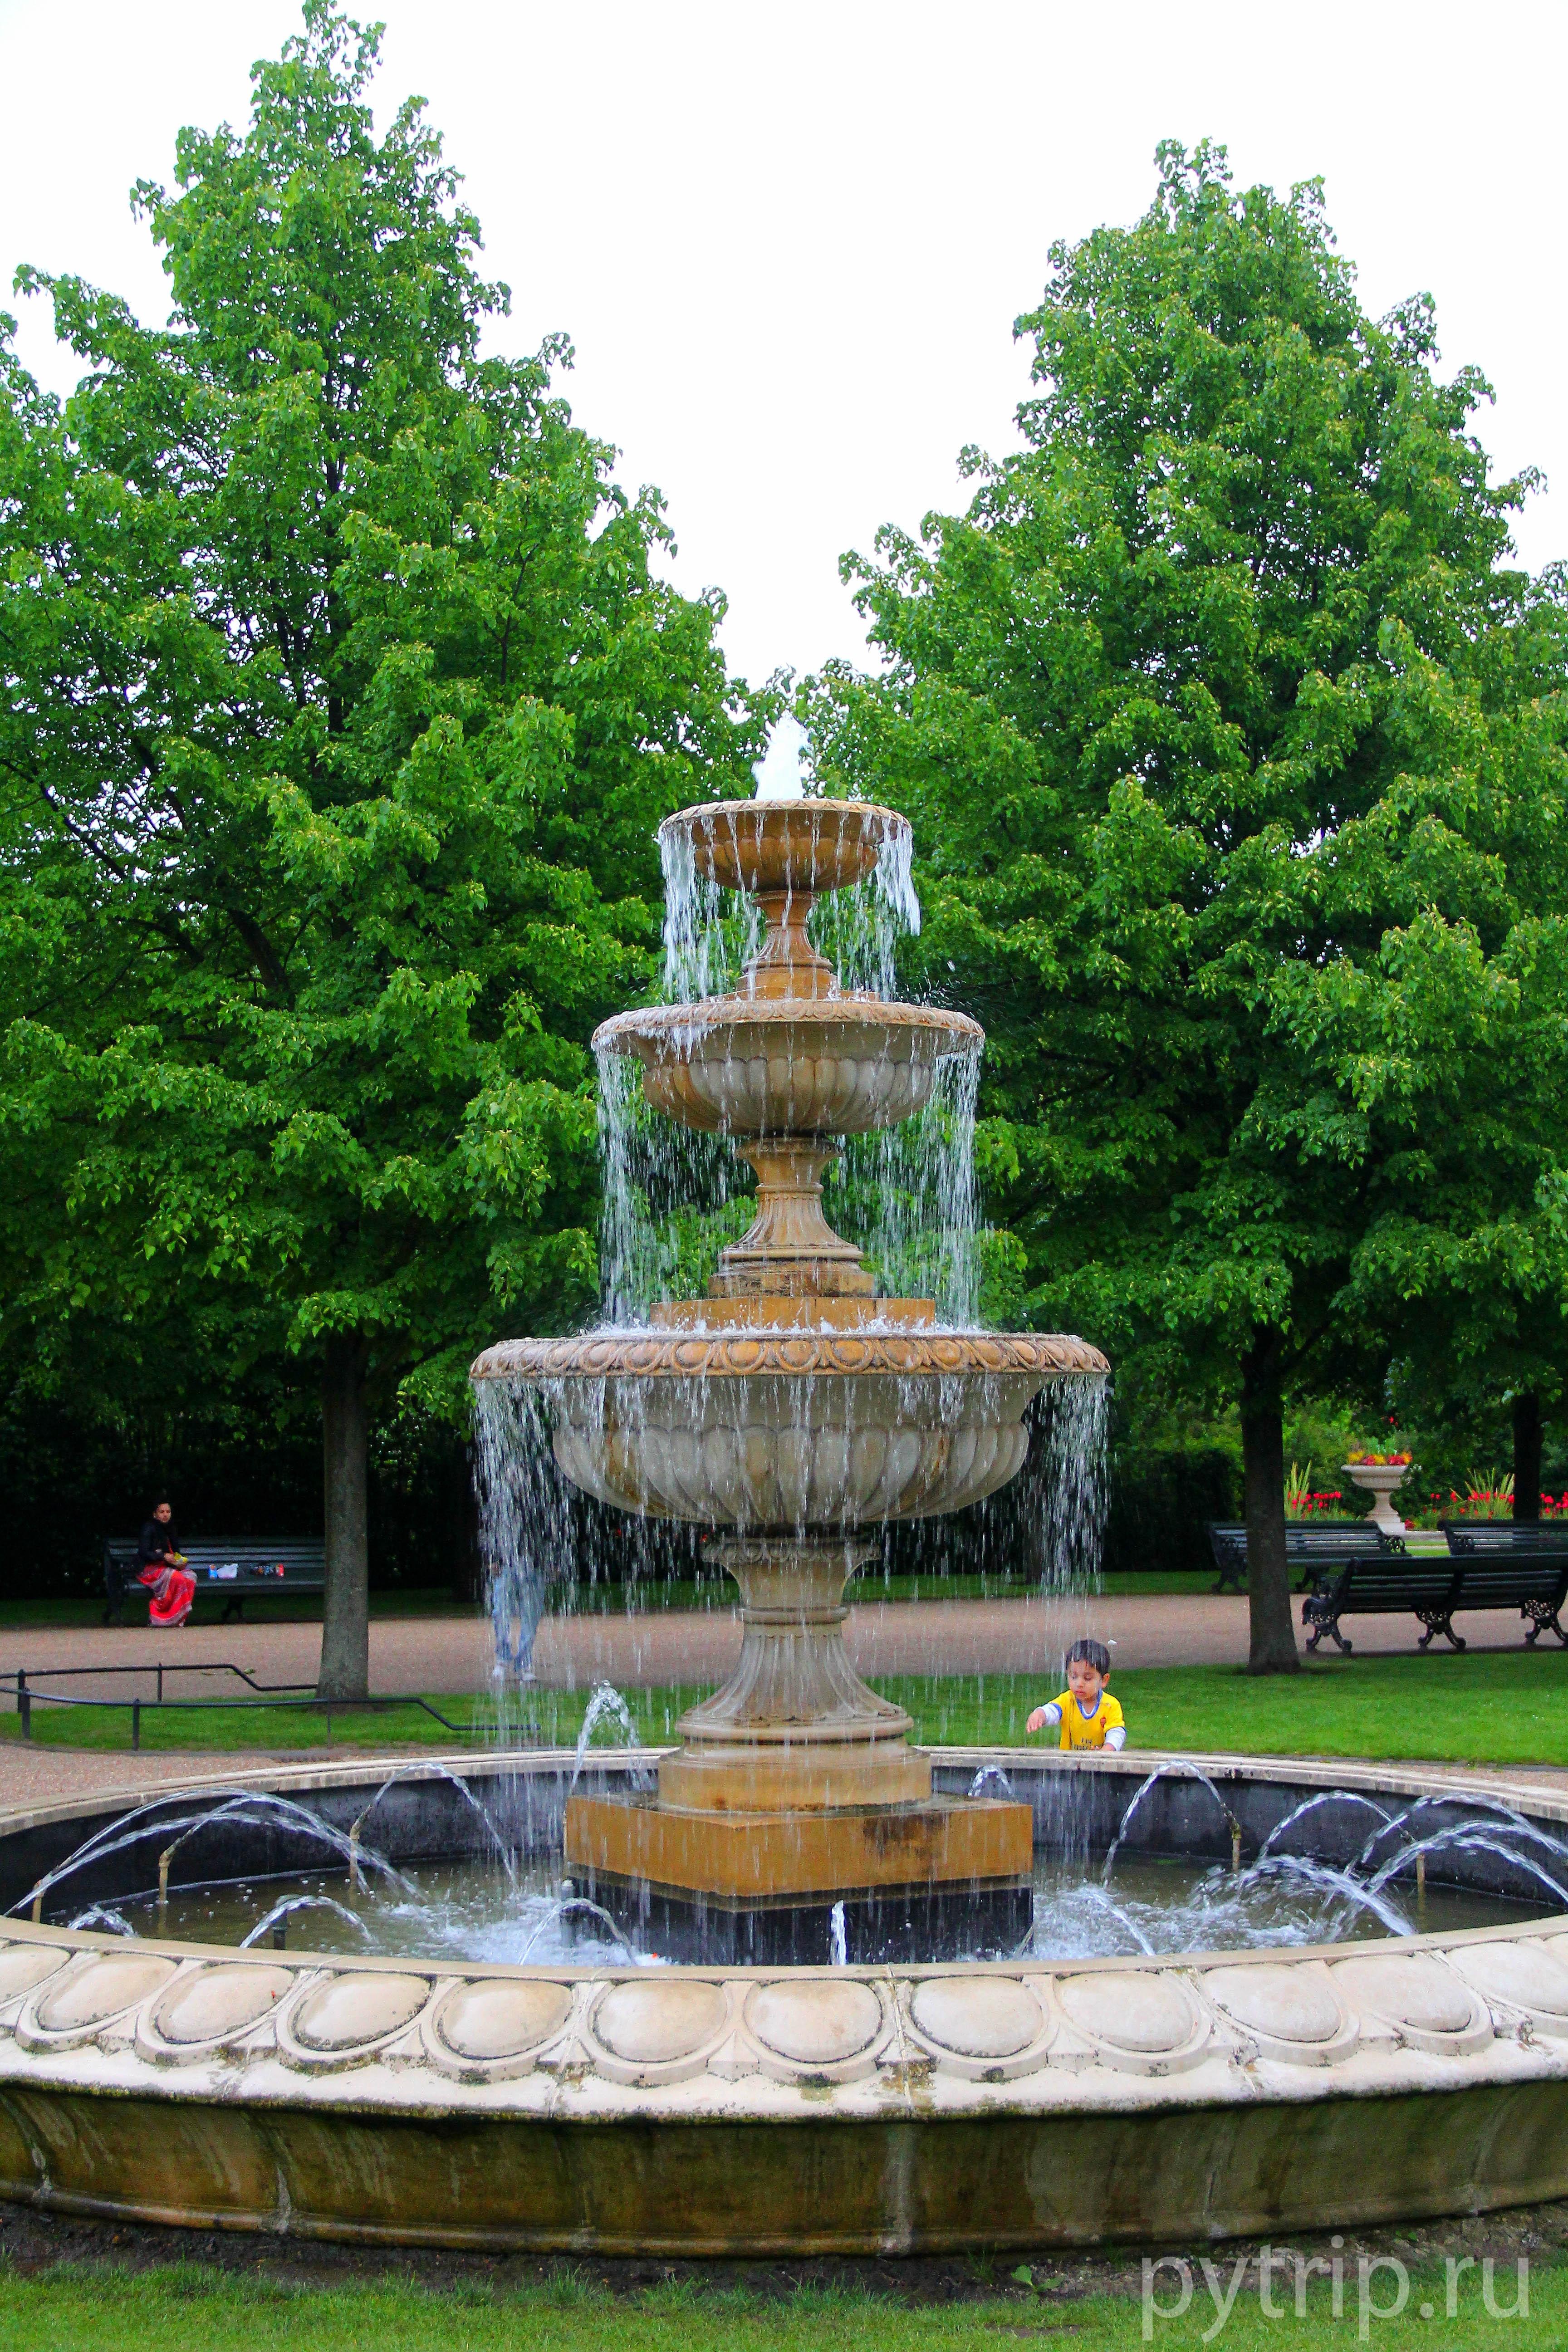 В парке очень красивые фонтаны